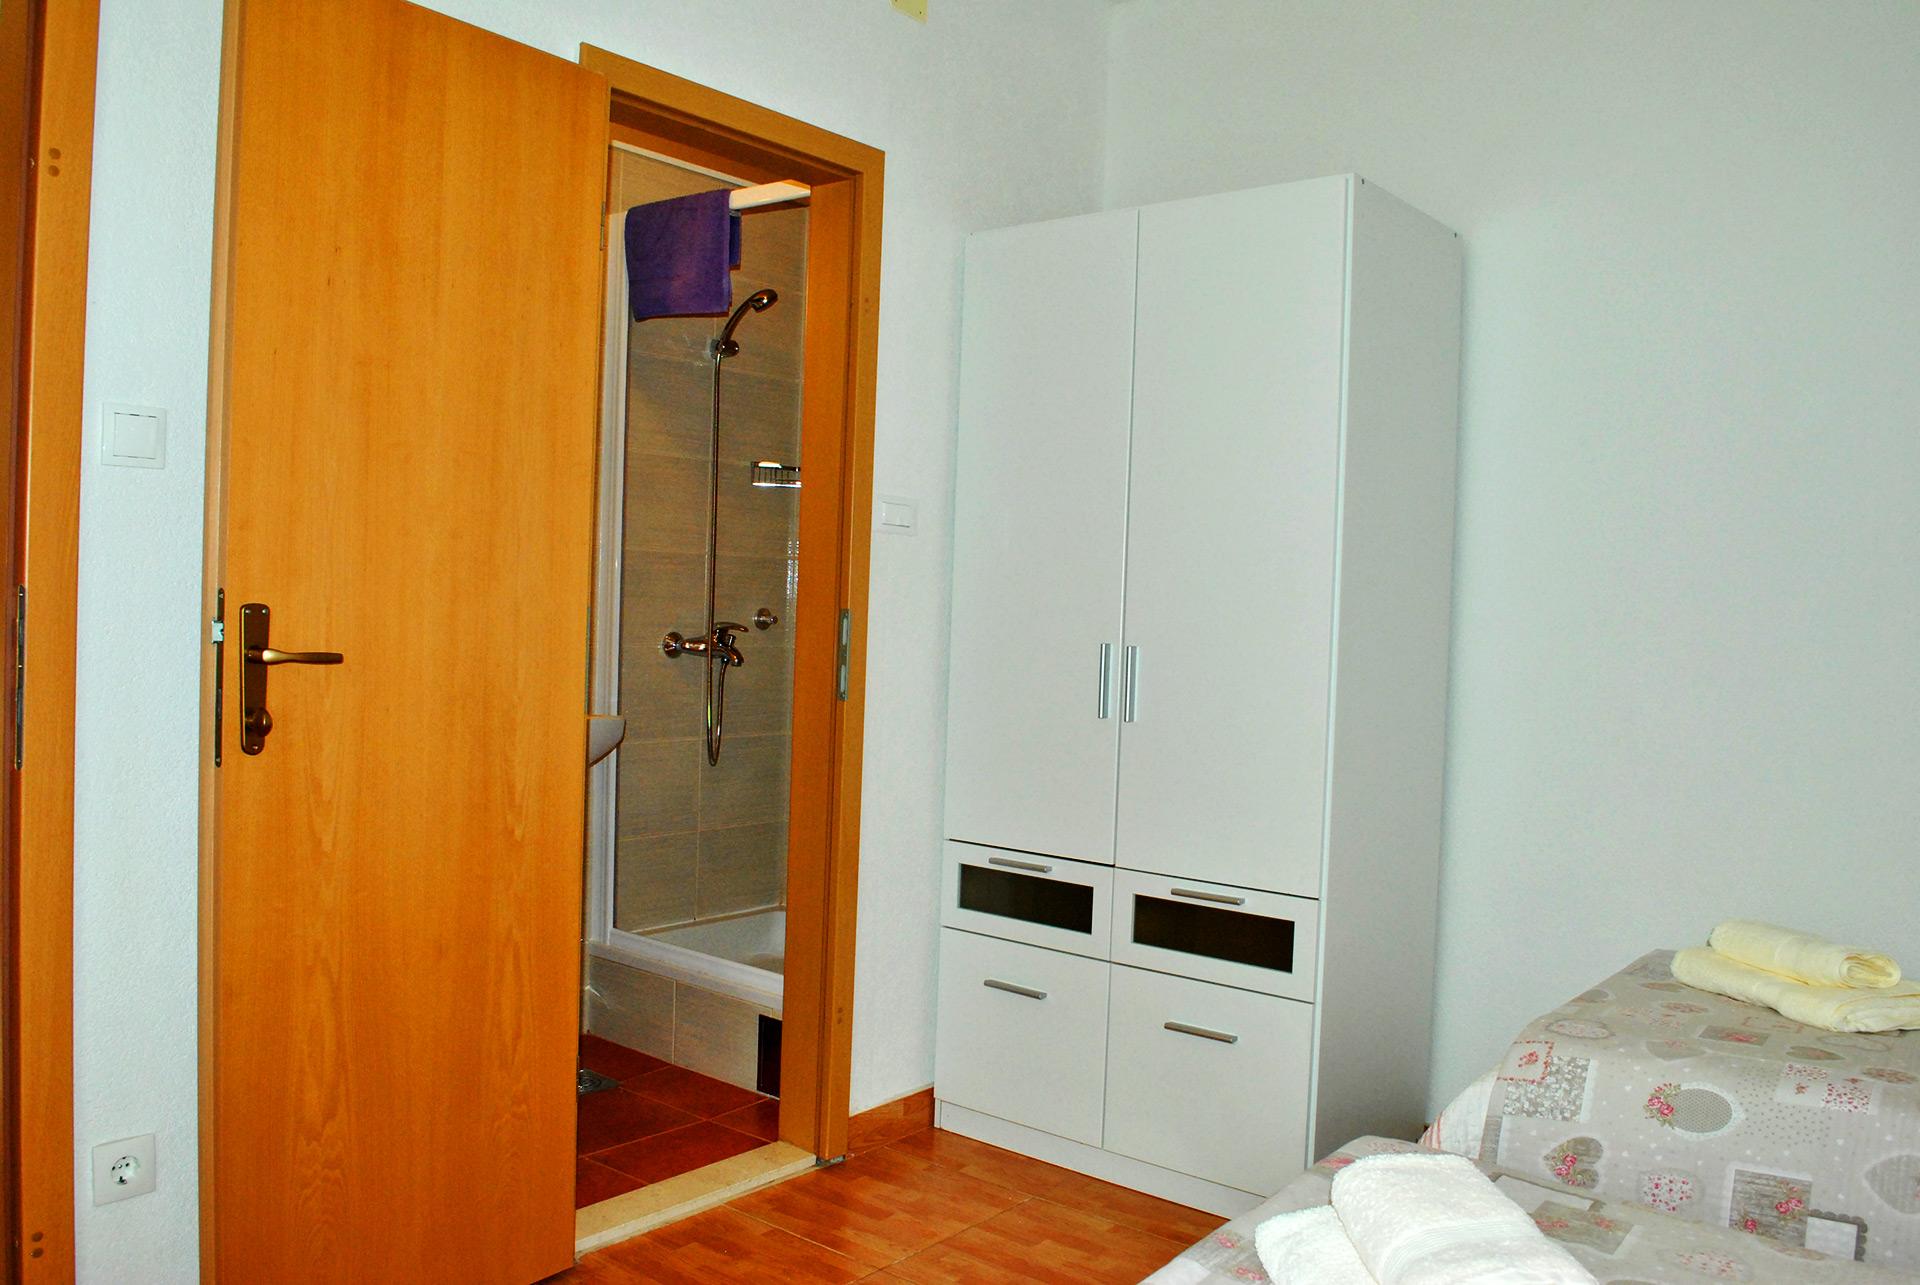 apartmenta3-wardrobe